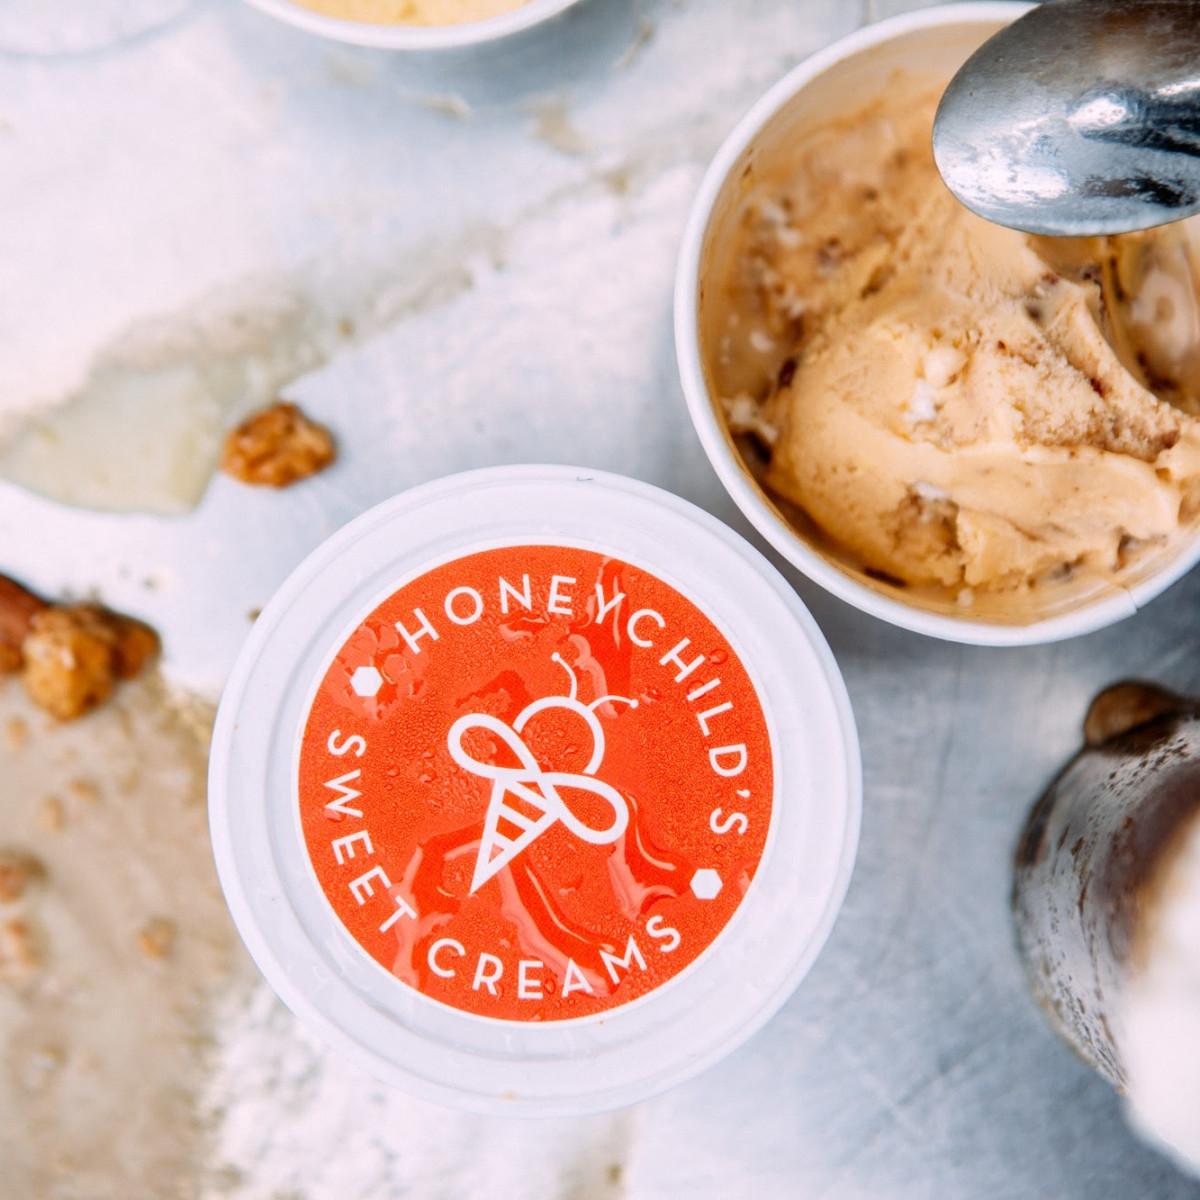 Honeychild's Sweet Creams